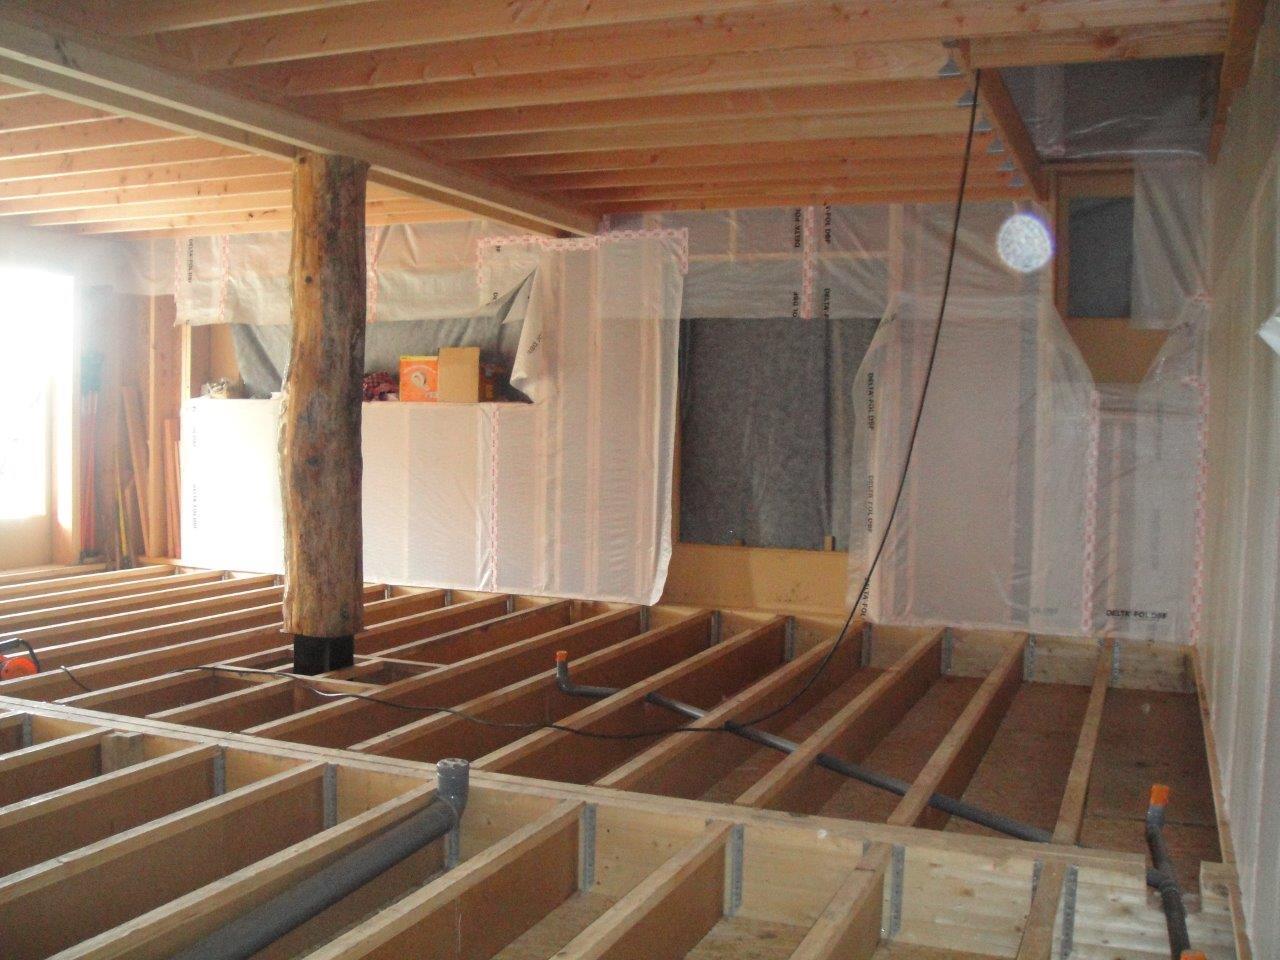 Le plancher bas rdc avant isolation scop fiabitat for Isolation plancher bas sur vide sanitaire